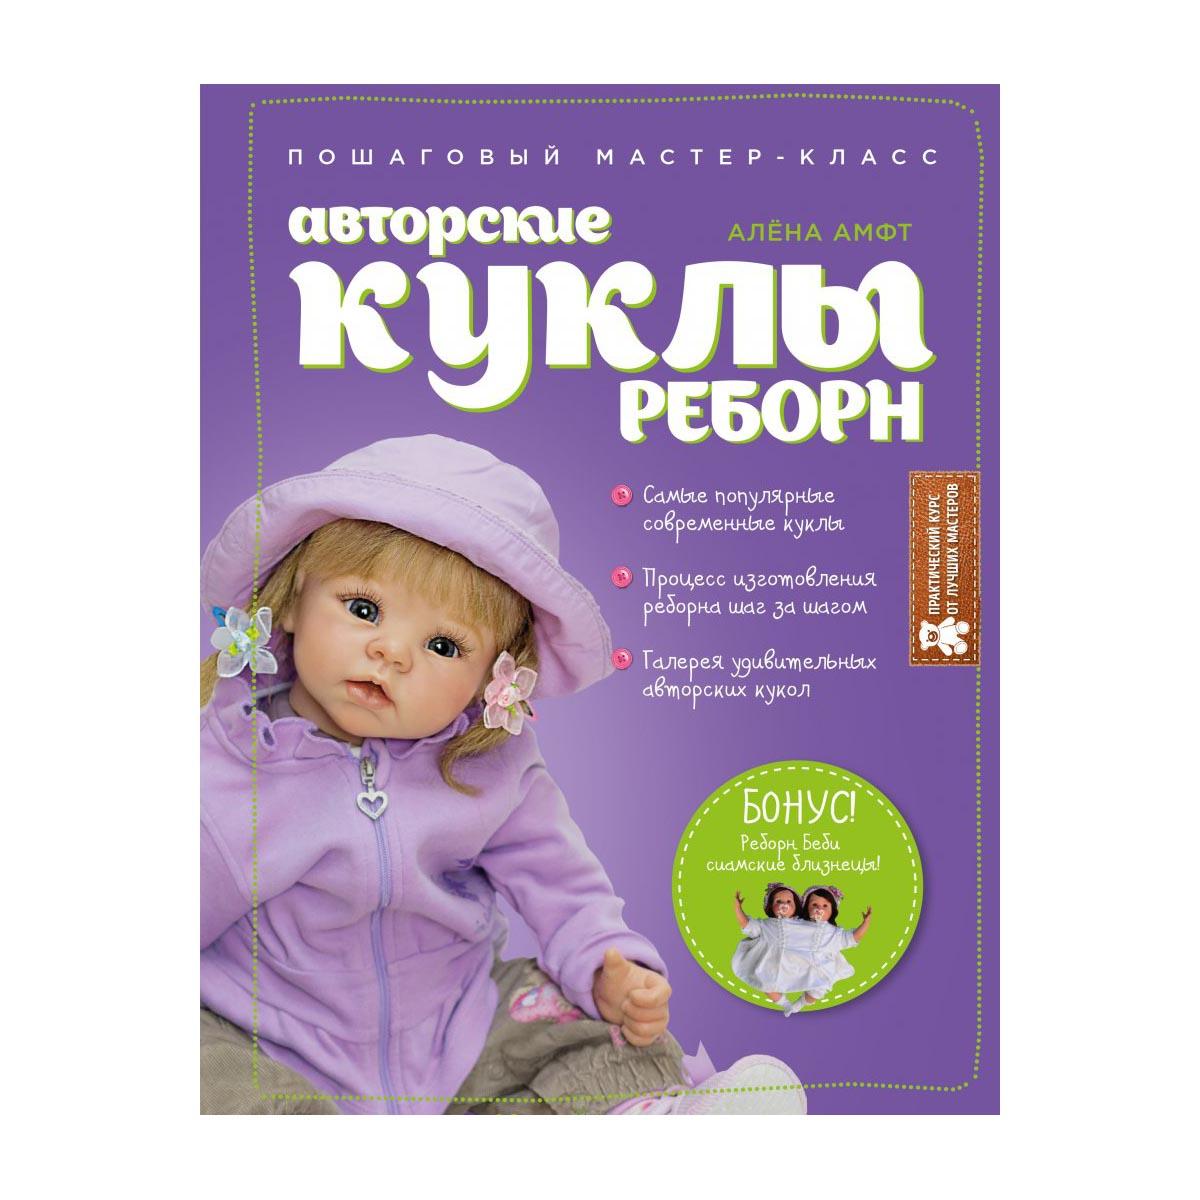 'Авторские куклы Реборн' Пошаговый мастер-класс А. Амфт